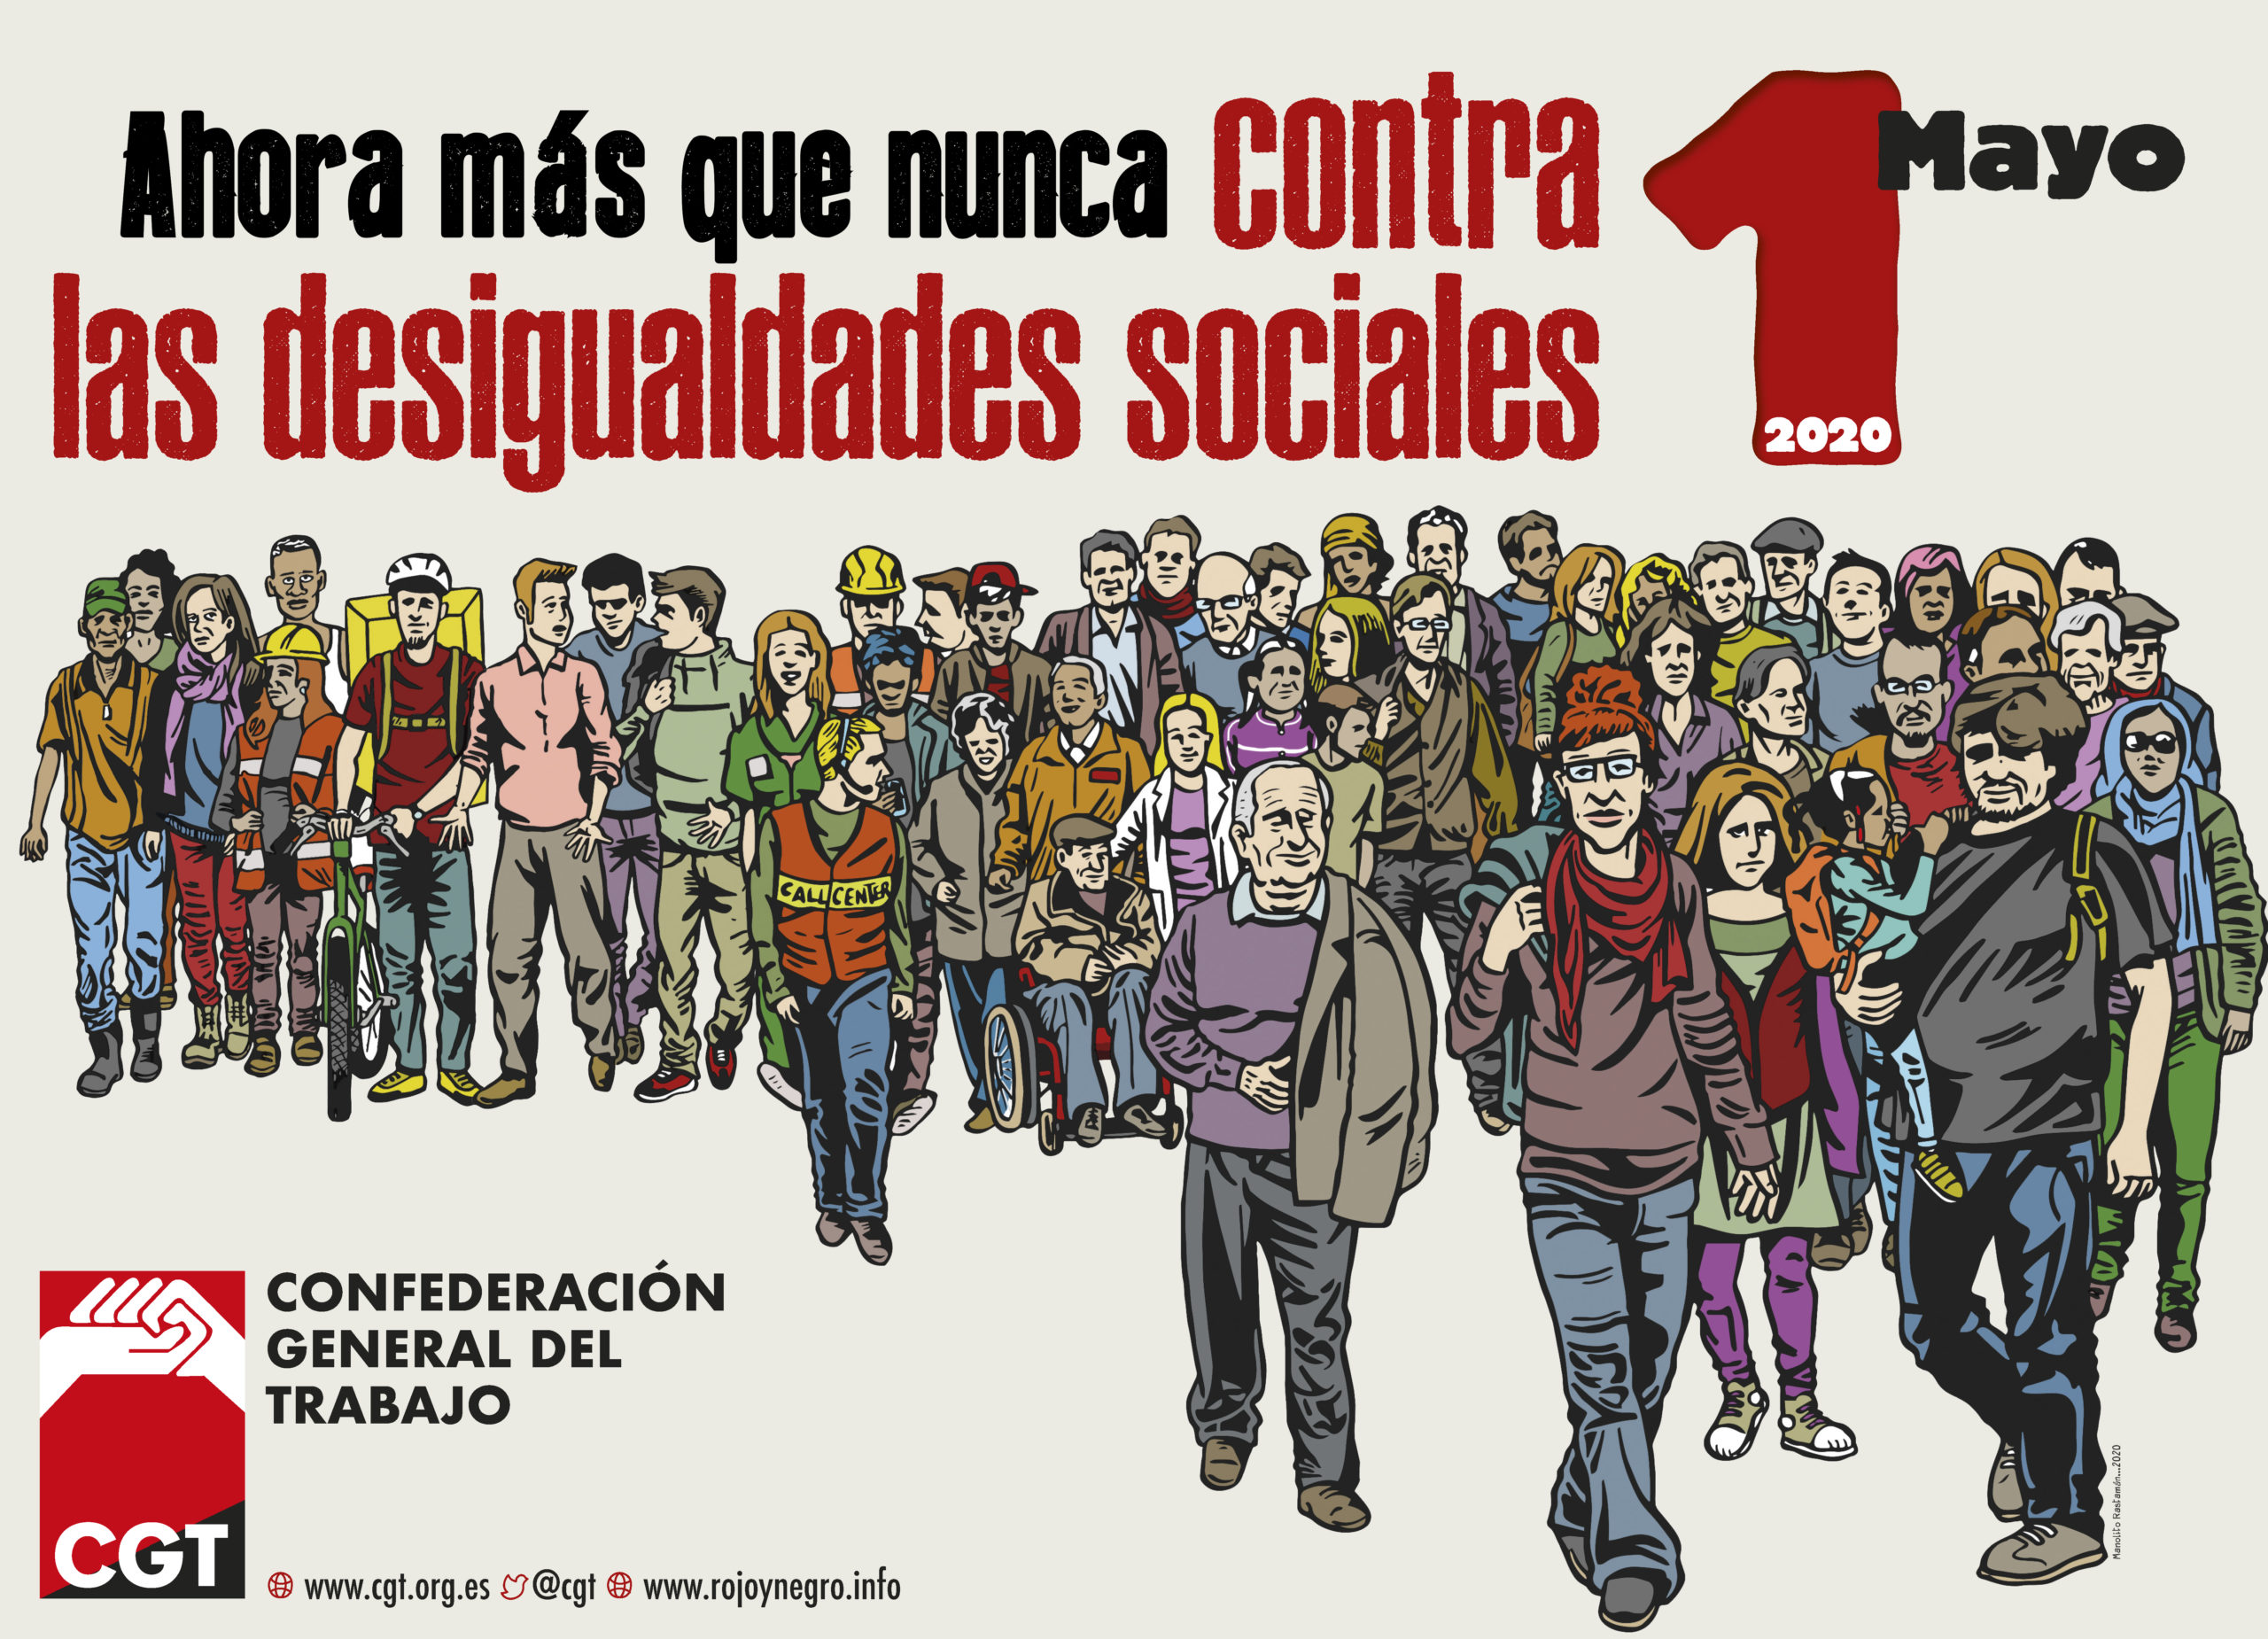 1º de Mayo 2020: Ahora más que nunca contra las desigualdades sociales